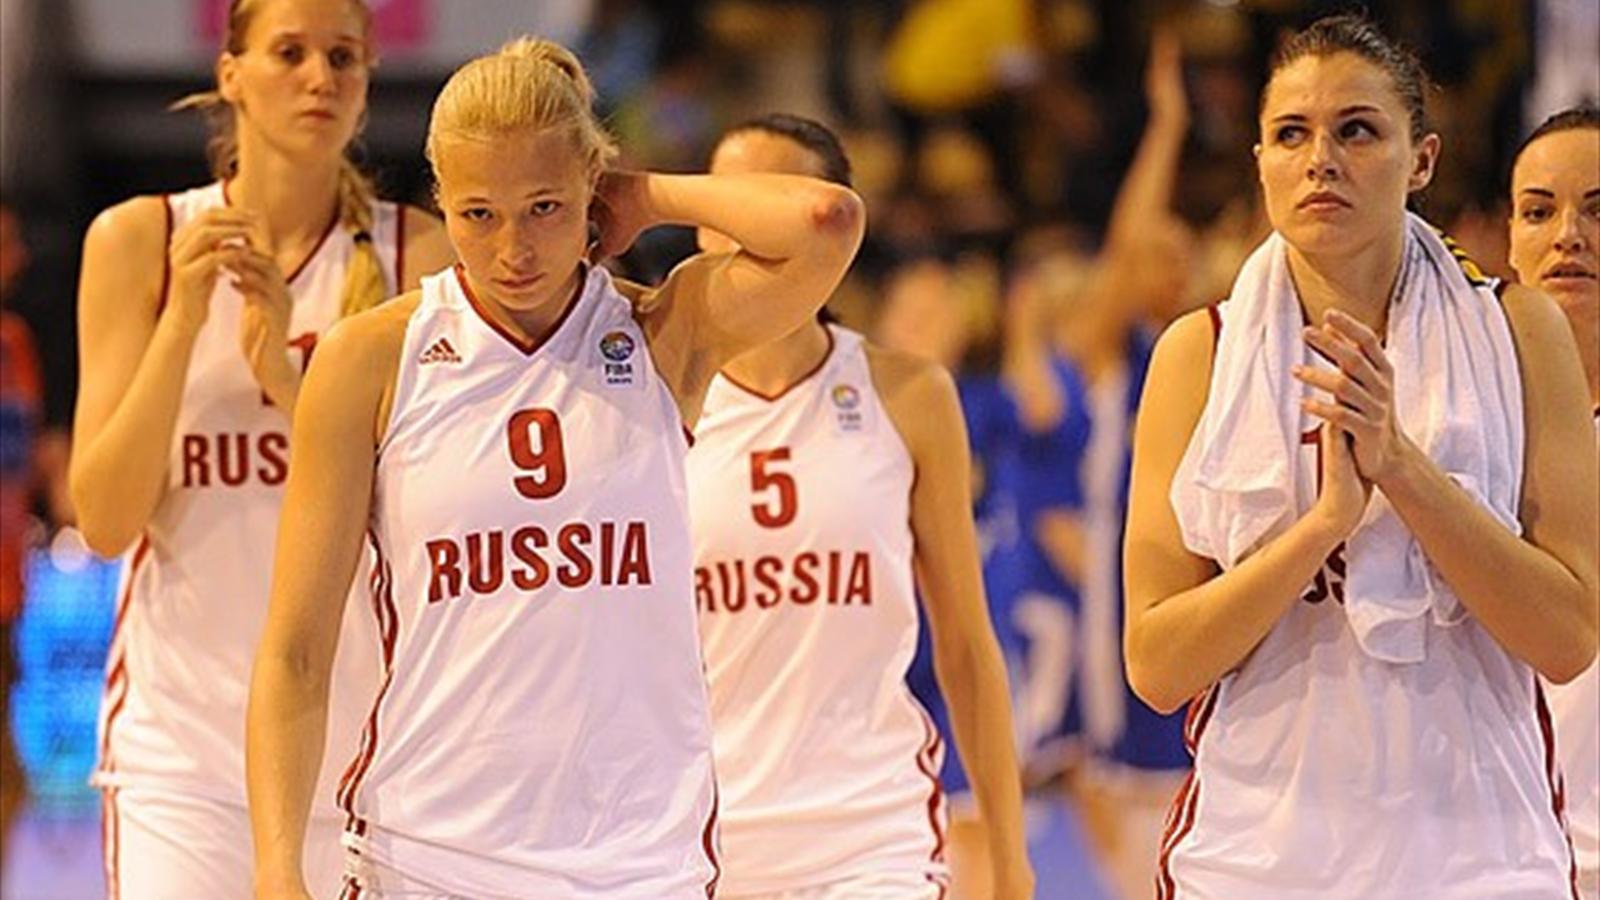 Баскетбол франция россия прогноз [PUNIQRANDLINE-(au-dating-names.txt) 22